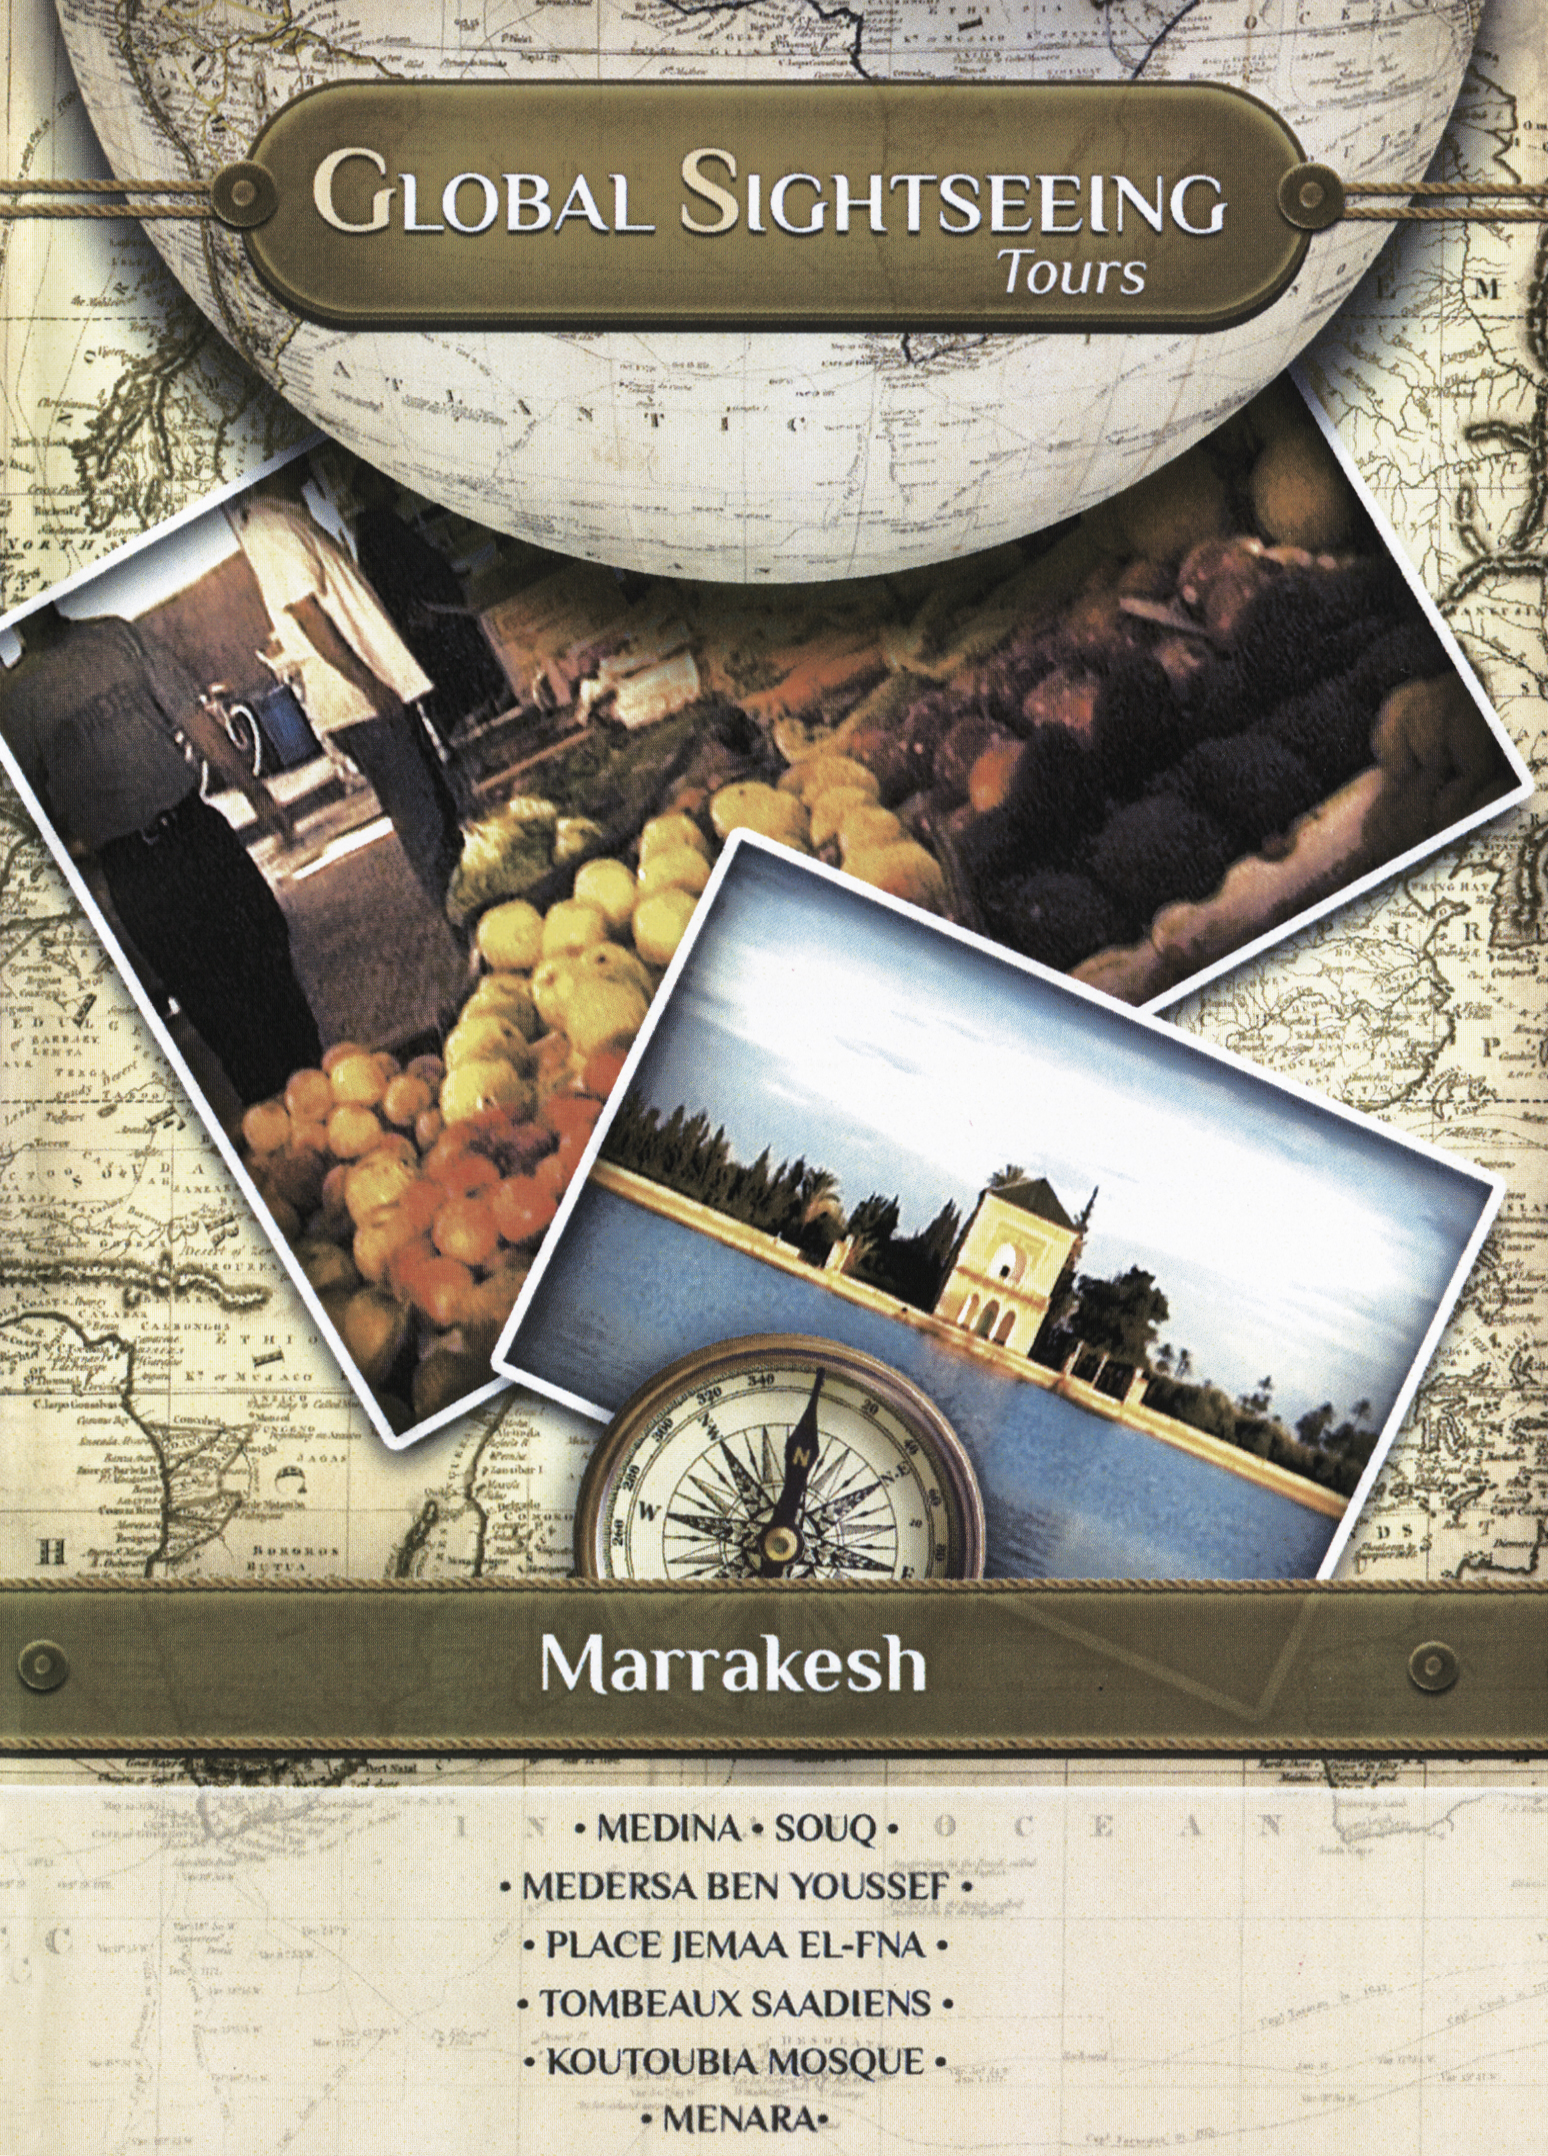 Global Sightseeing Tours: Marrakesh